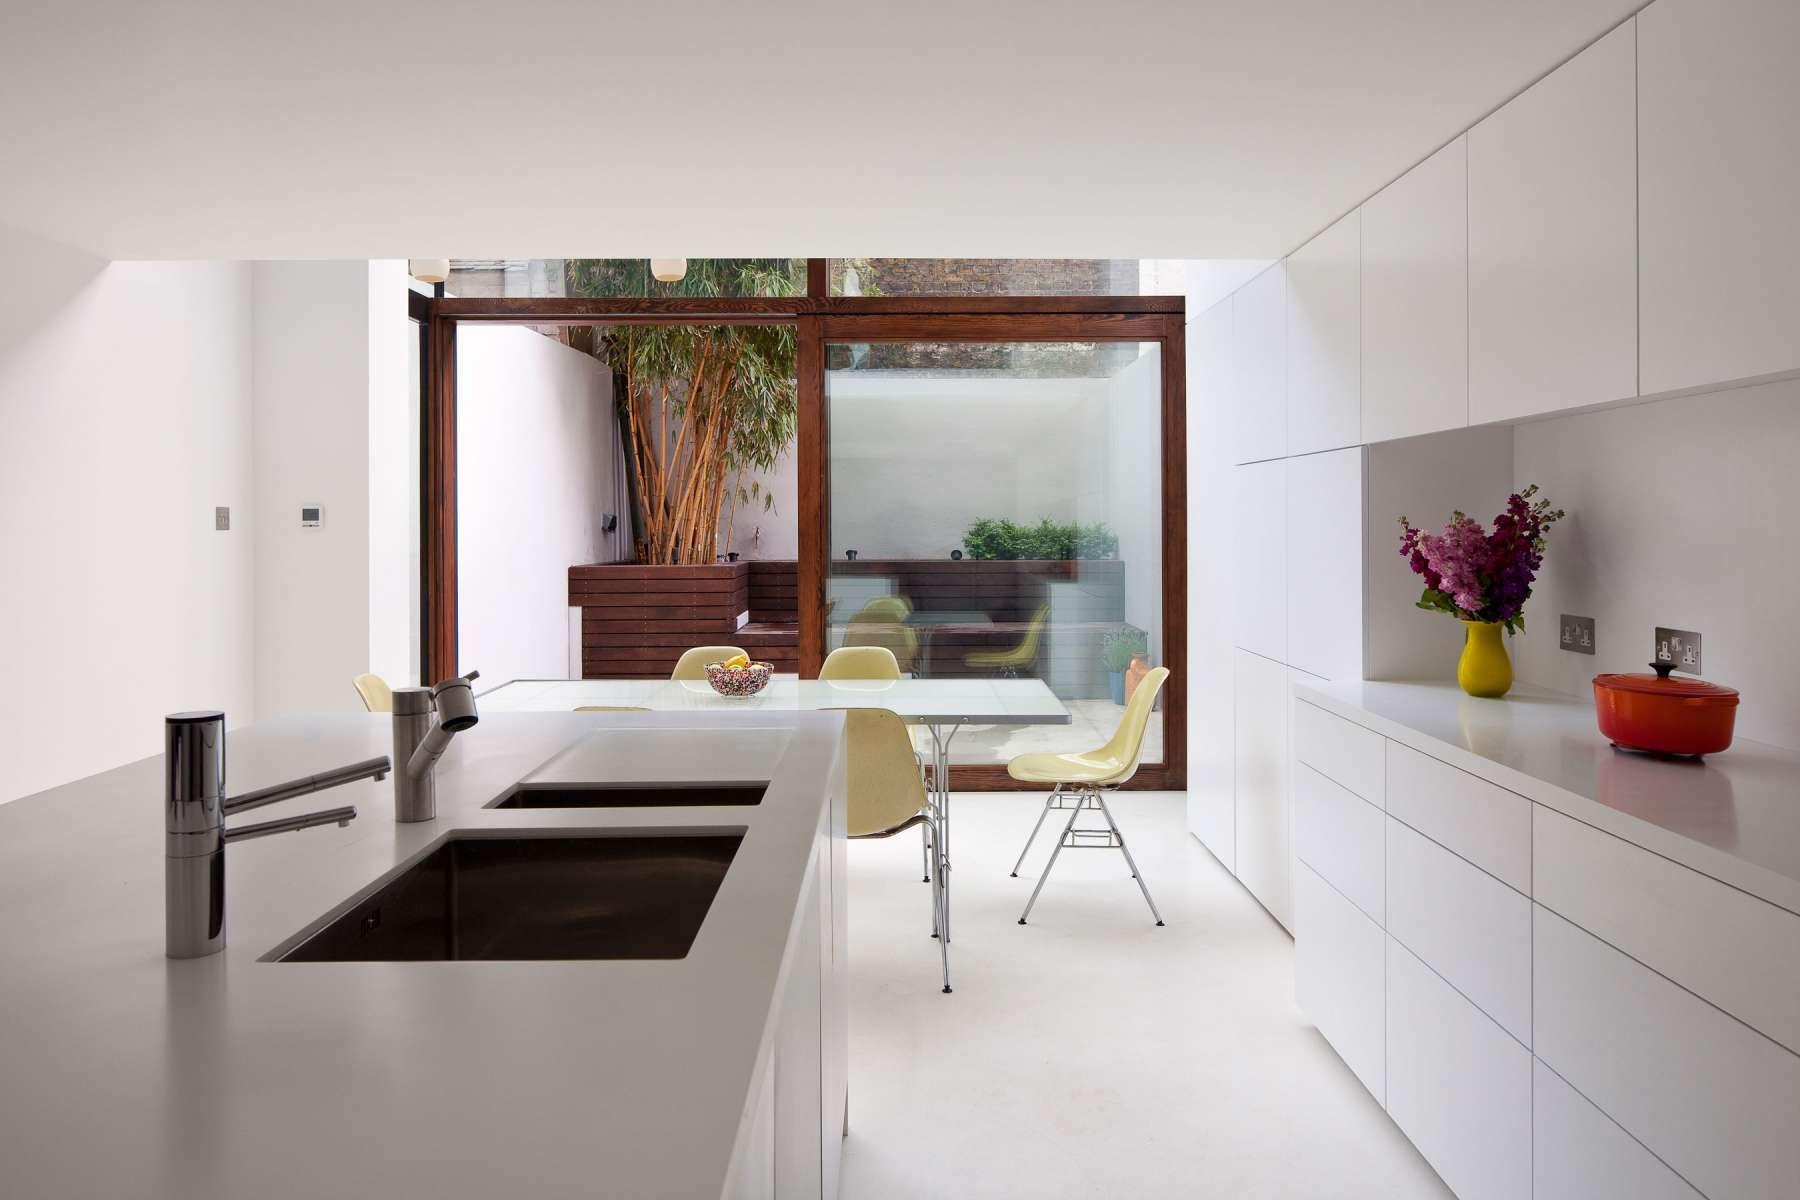 Ideen für die erweiterung der küche hoxton house u mikhail riches  ampliacion  pinterest  architektur